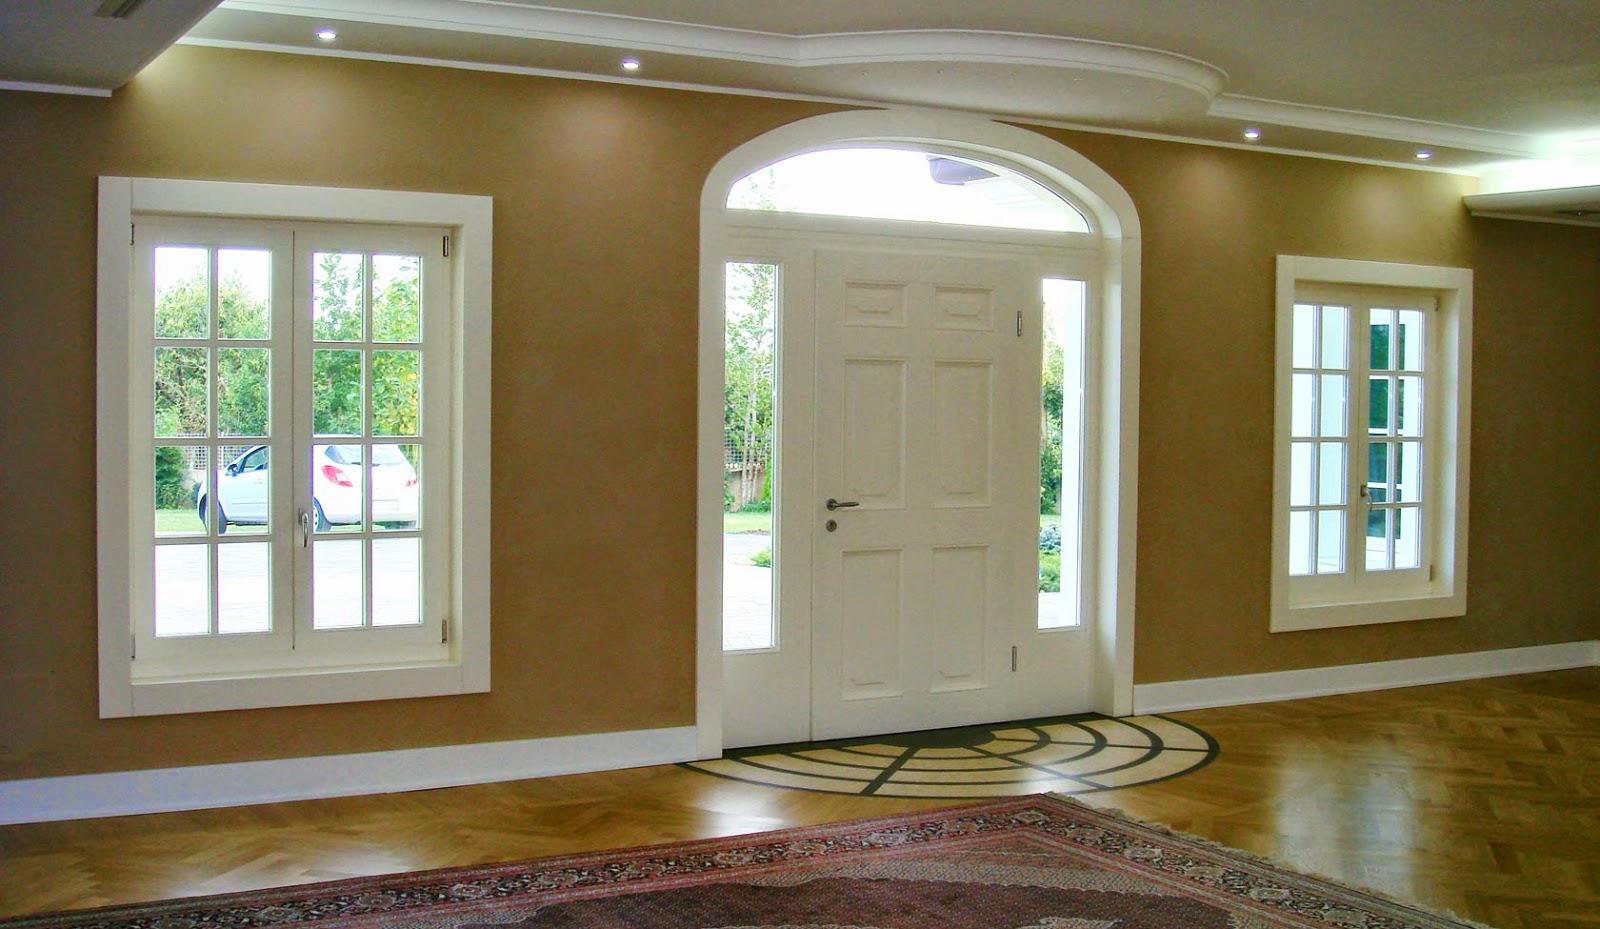 Porte finestre parquet arredamento e non solo le - Finestre in legno ...